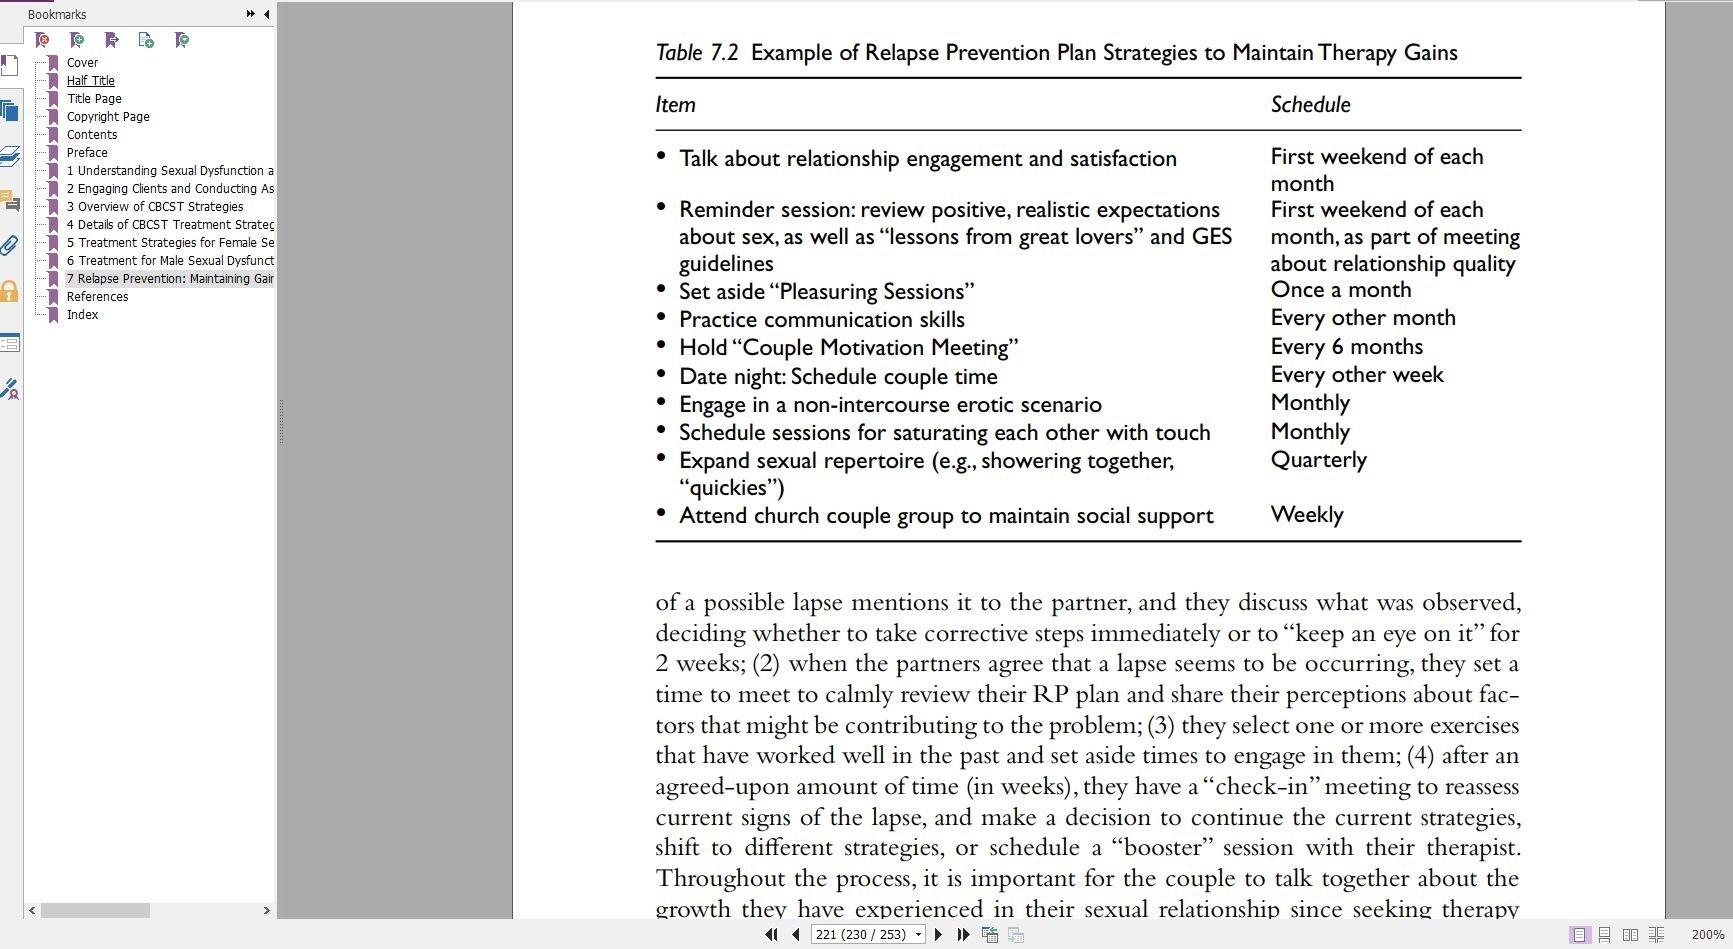 خرید ایبوک Cognitive-Behavioral Therapy for Sexual Dysfunction دانلود کتاب درمان رفتاری شناختی برای اختلال عملکرد جنسی eBook ISBN : 9781135183776 روانشناسیگیگاپیپر